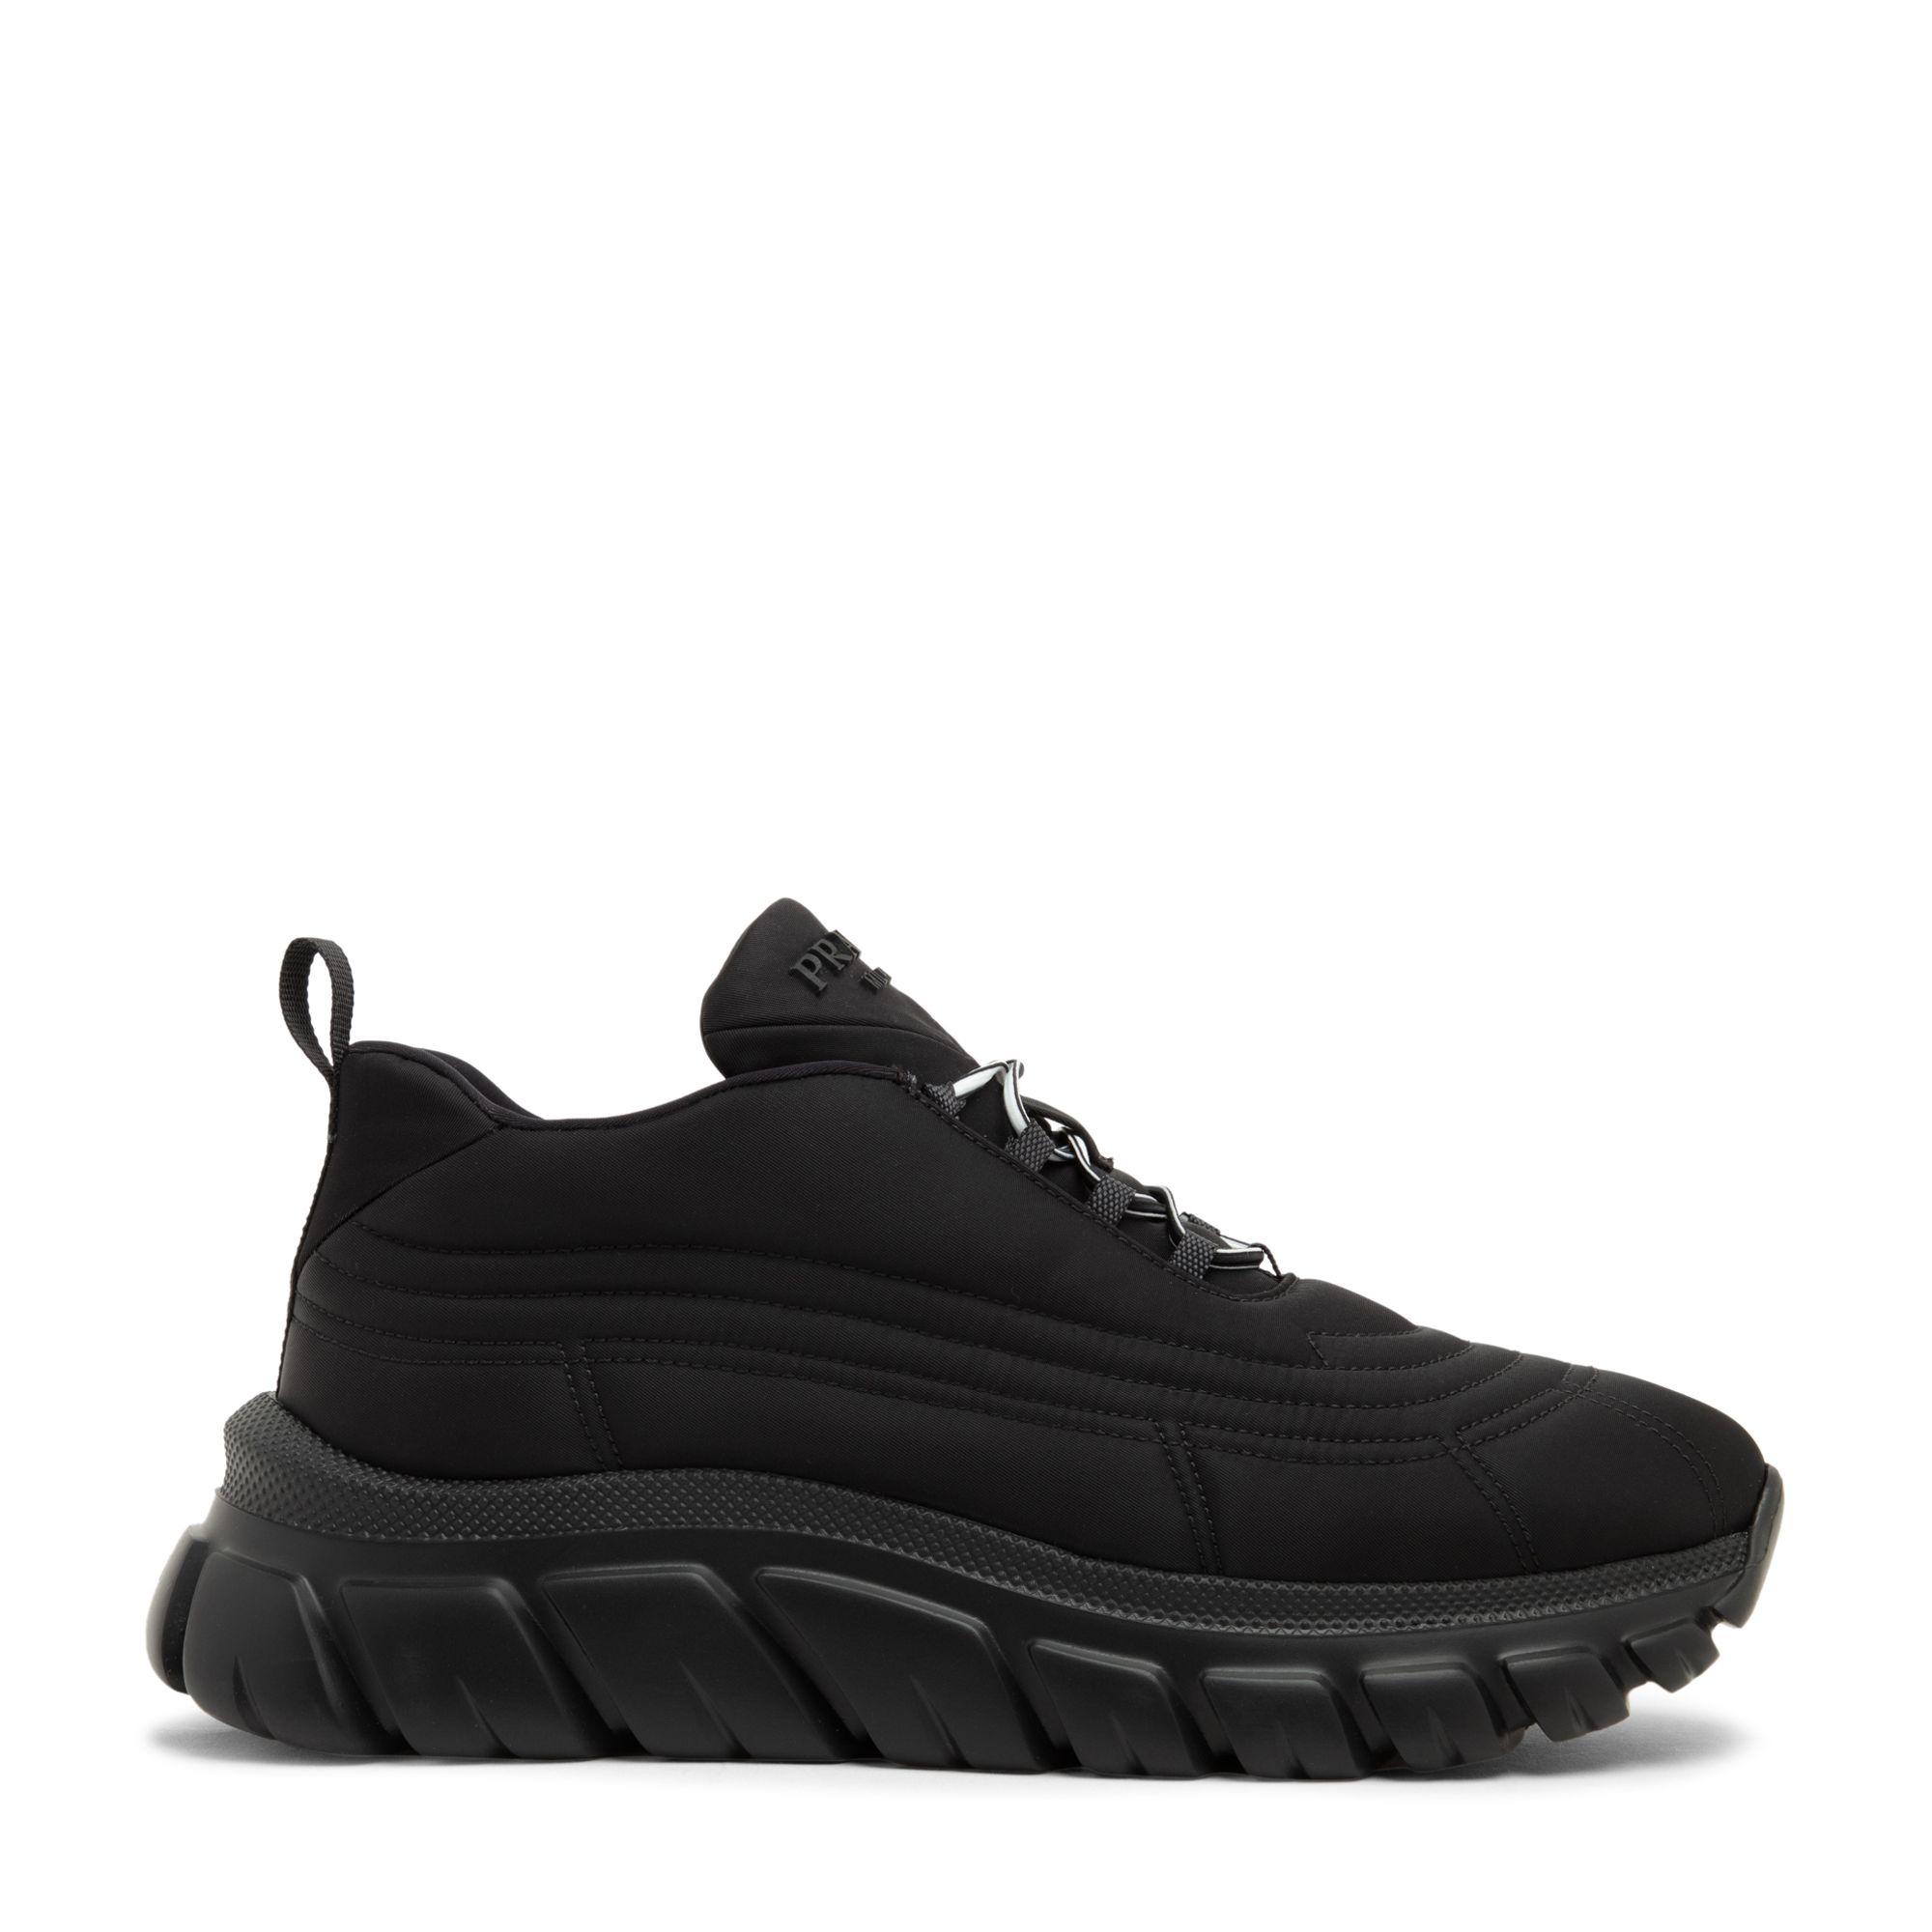 حذاء راش الرياضي مصنوع من مادة ري-نايلون جبادرين